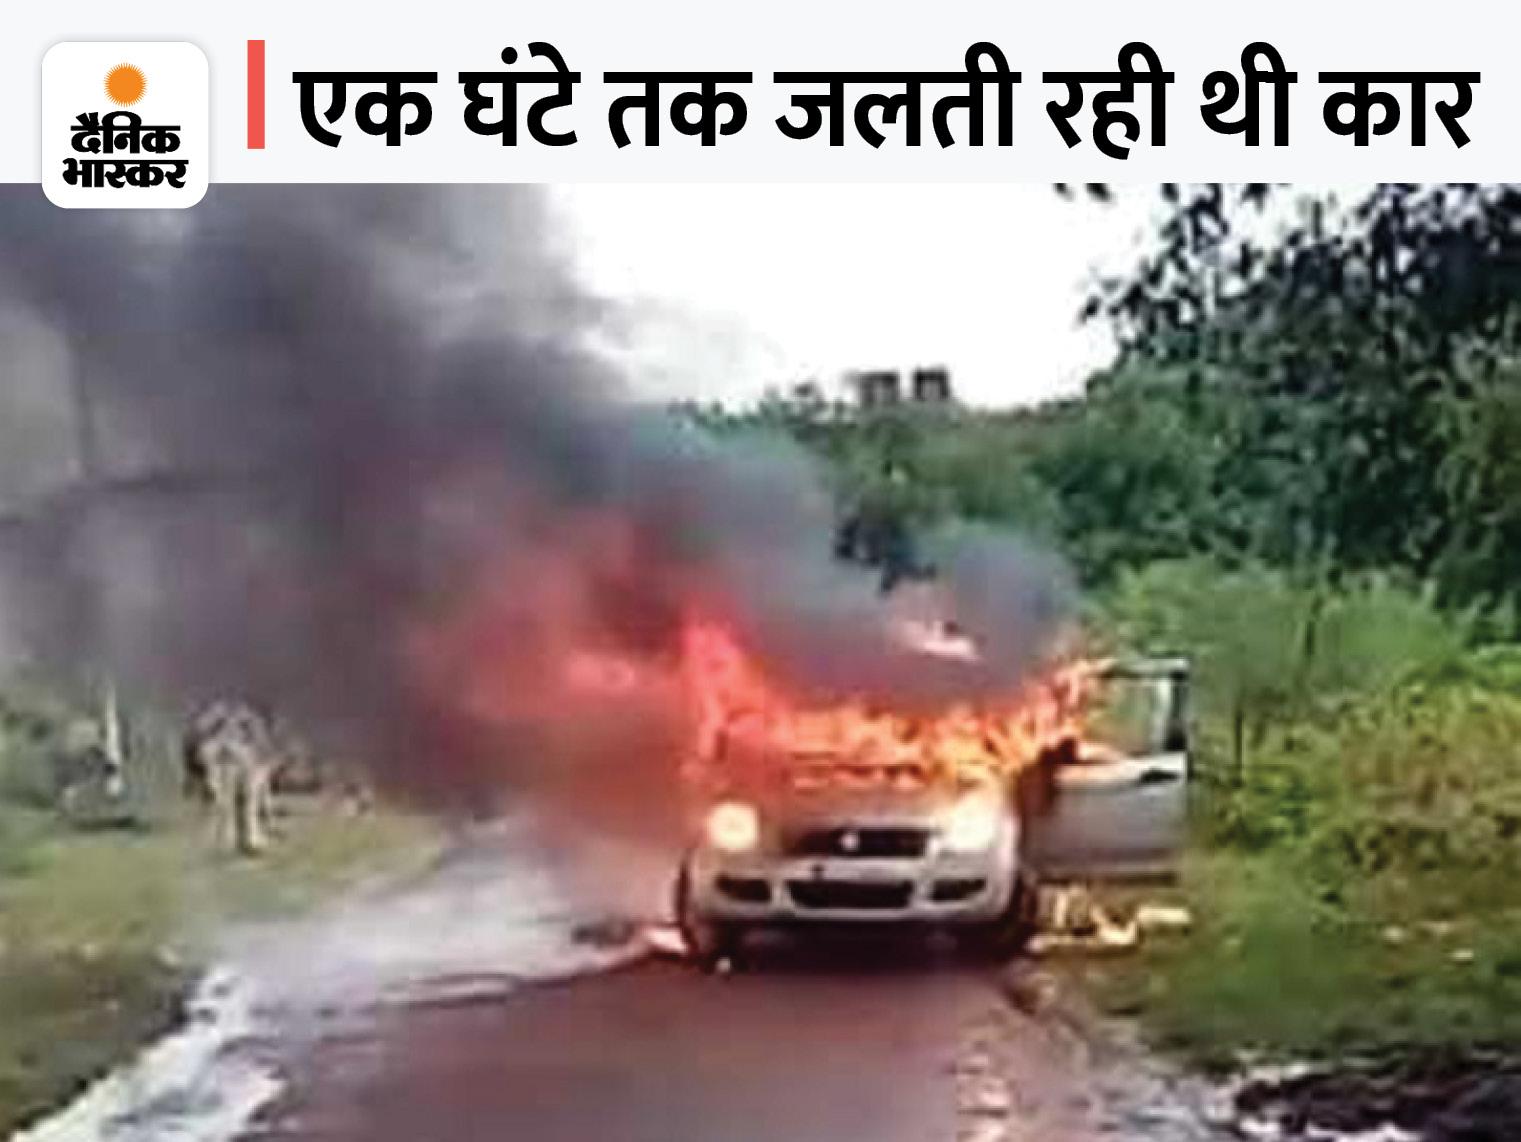 डेढ़ महीने बाद DNA टेस्ट से पुष्टि हुई- कार में बुरी तरह से जल चुका शव दुर्ग के व्यवसायी राजा जैन का ही है भिलाई,Bhilai - Dainik Bhaskar